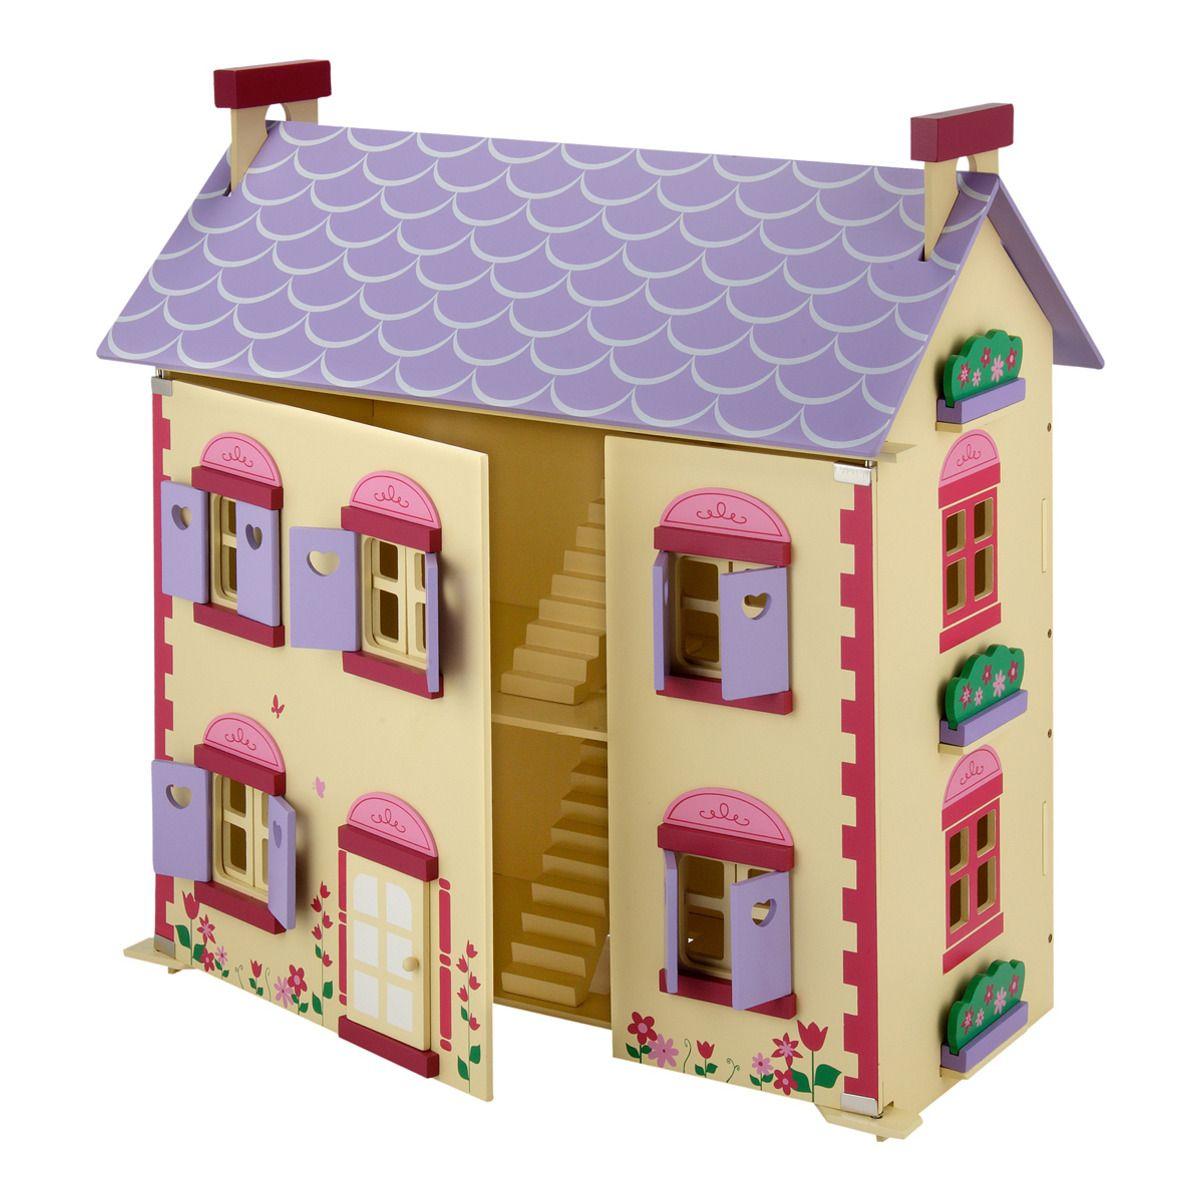 Mi alegre casita Miyo | Casa de madera, Madera y Muñecas